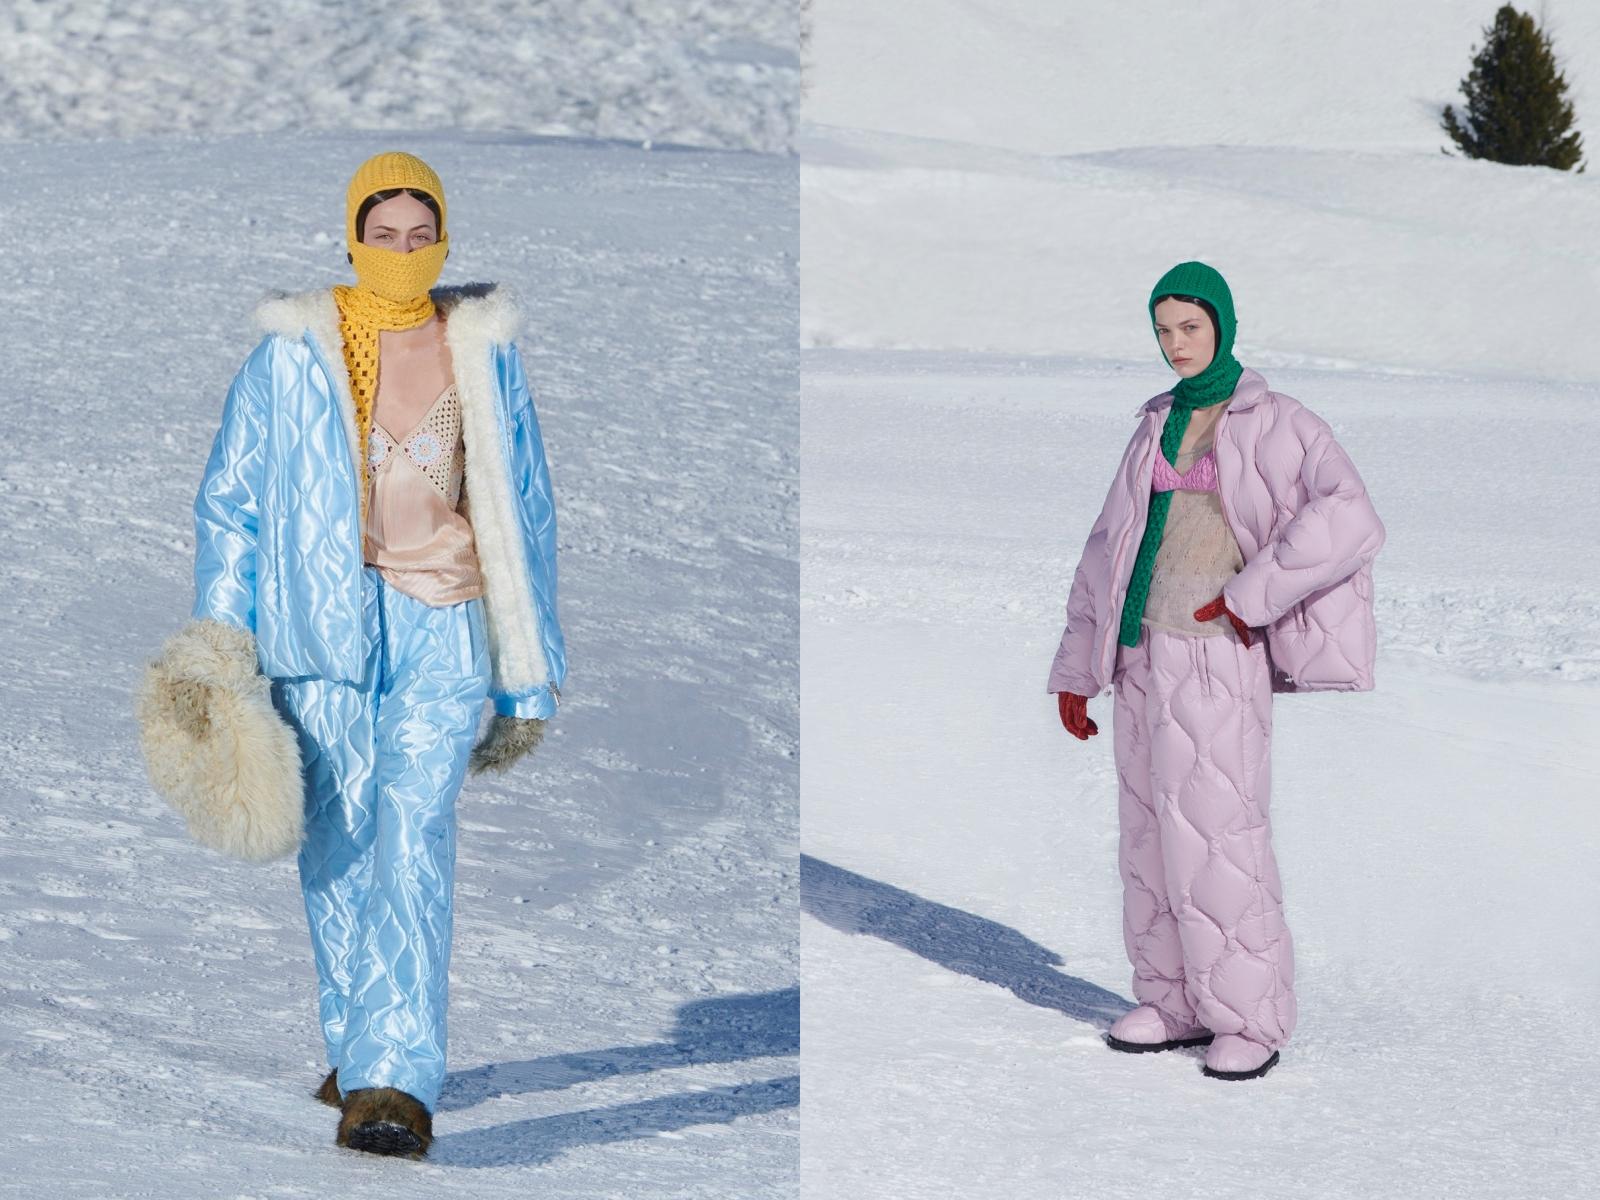 預知2021秋冬流行趨勢:香奈兒領銜眾品牌瞄準滑雪風格,時髦咖請提早筆記!